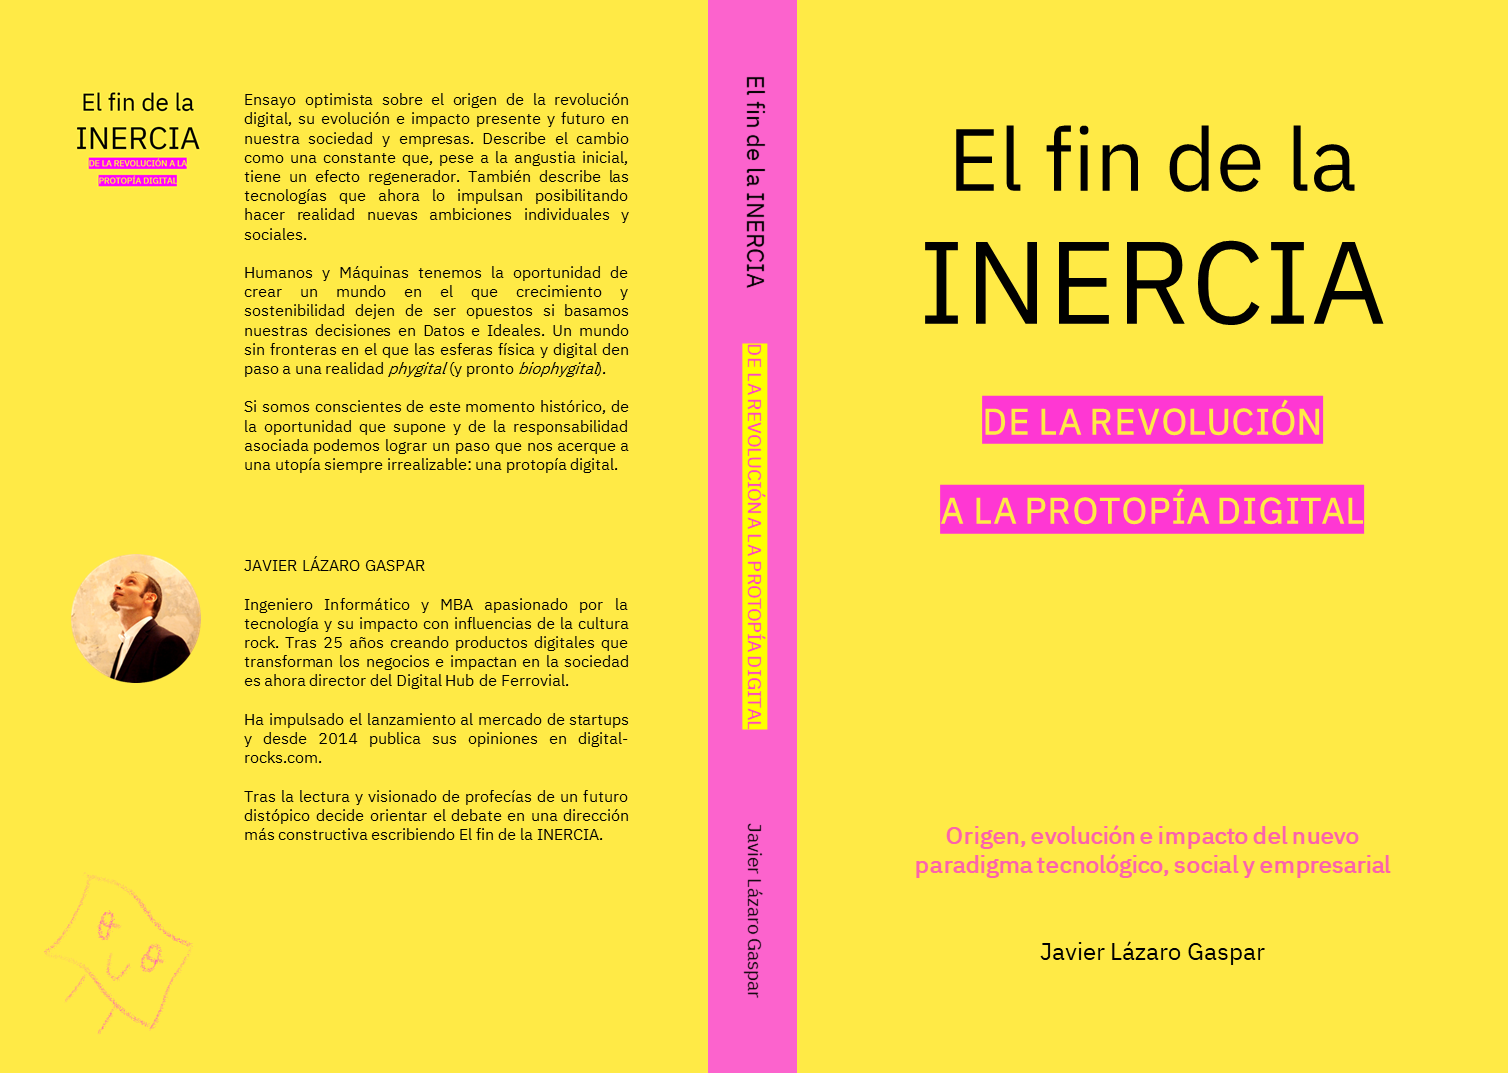 El fin de la INERCIA de Javier Lázaro Gaspar